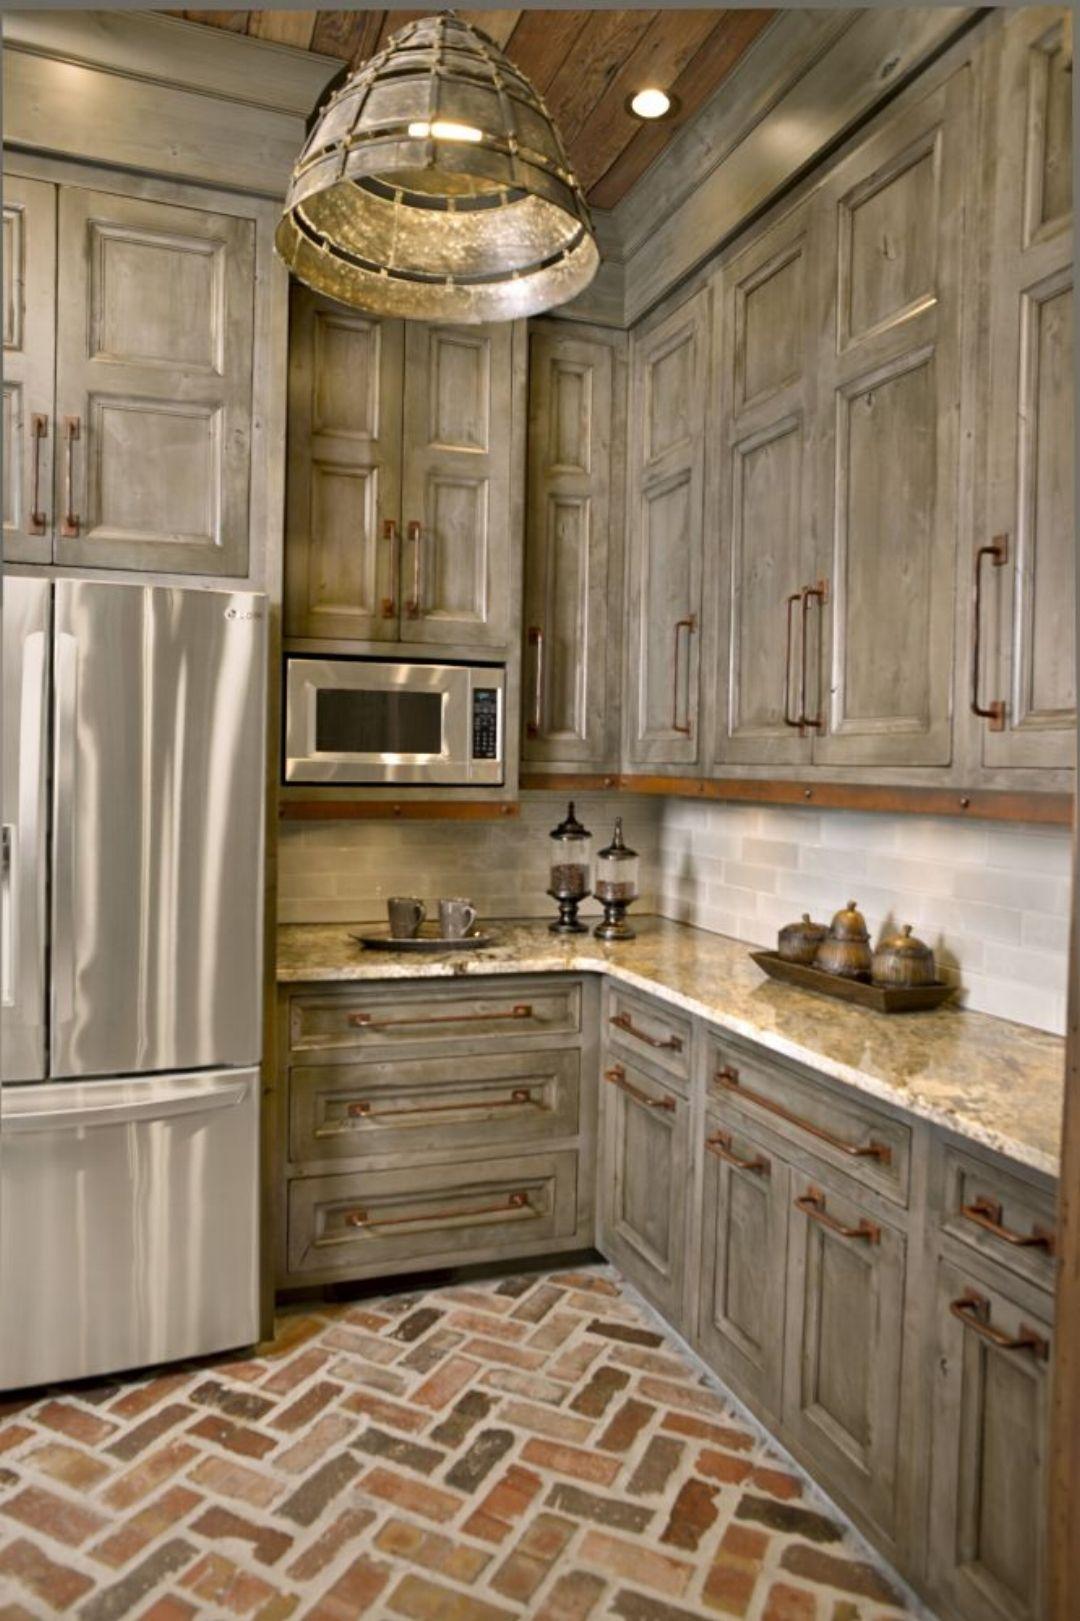 21 Gorgeous Modern Kitchen Designs By Dakota Rustic Kitchen Cabinets Brick Floor Kitchen Kitchen Cabinet Design